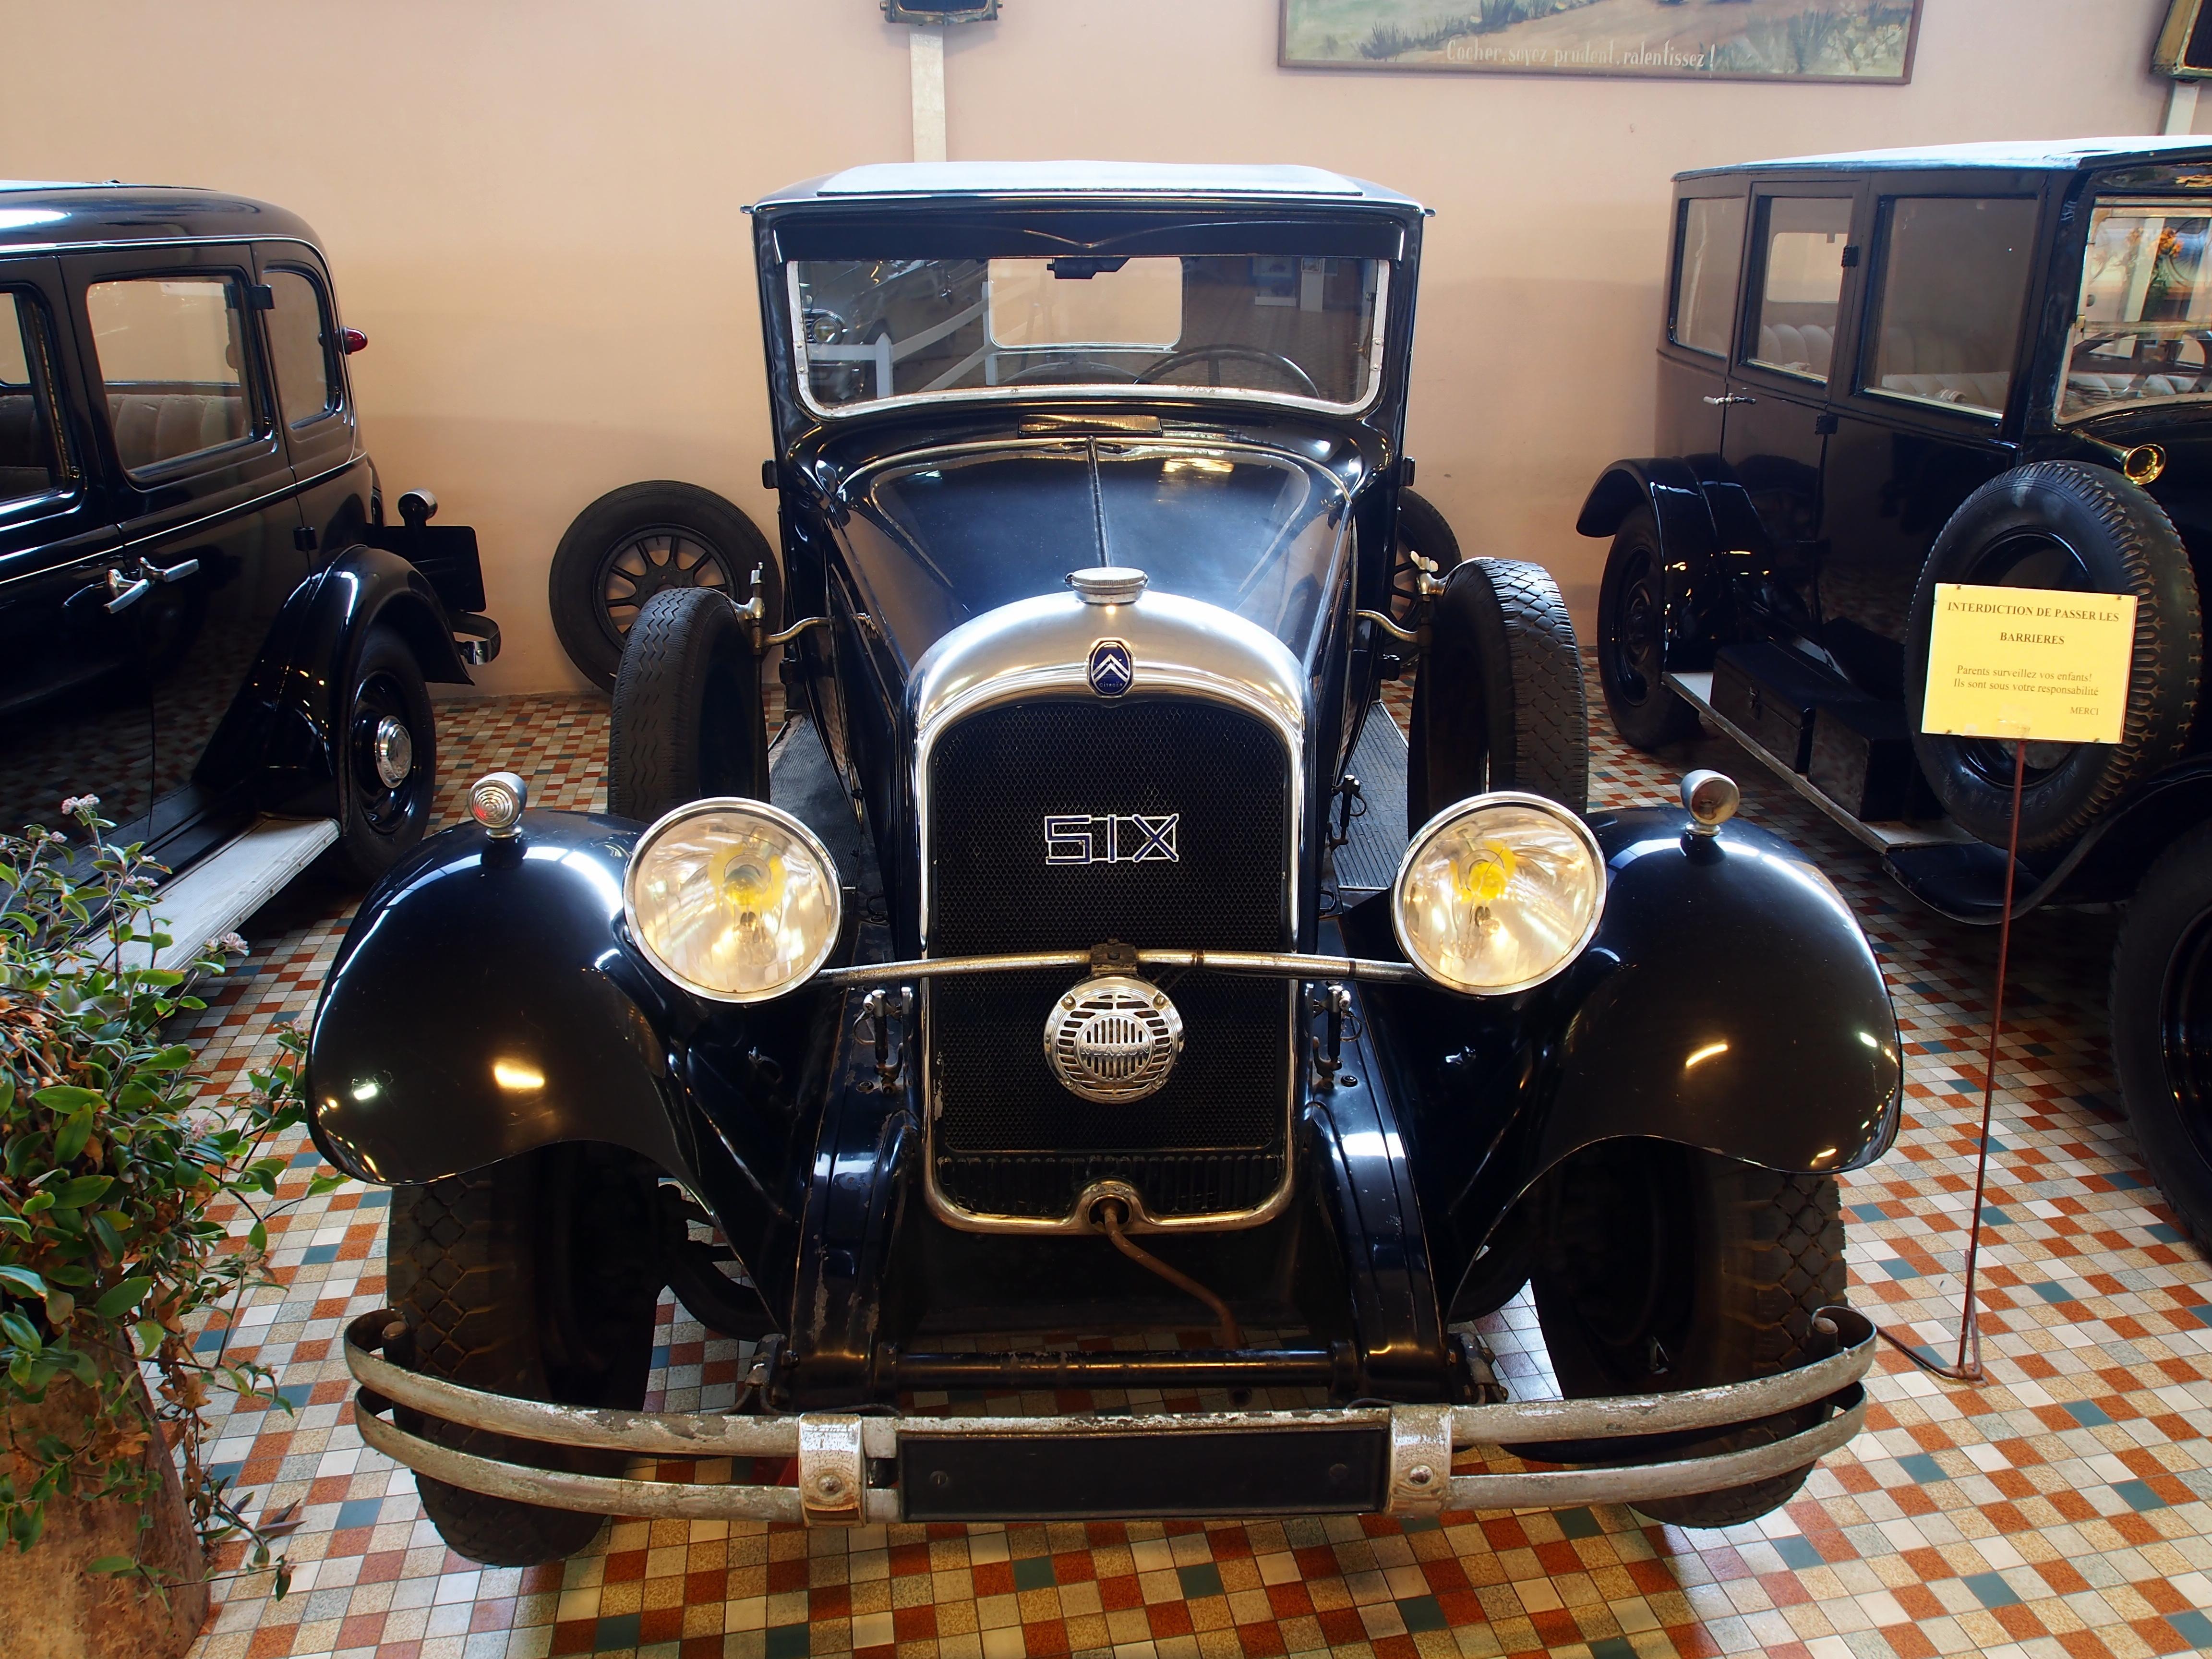 file 1931 citro n c6f 14cv at the mus e automobile de vend e jpg wikimedia commons. Black Bedroom Furniture Sets. Home Design Ideas